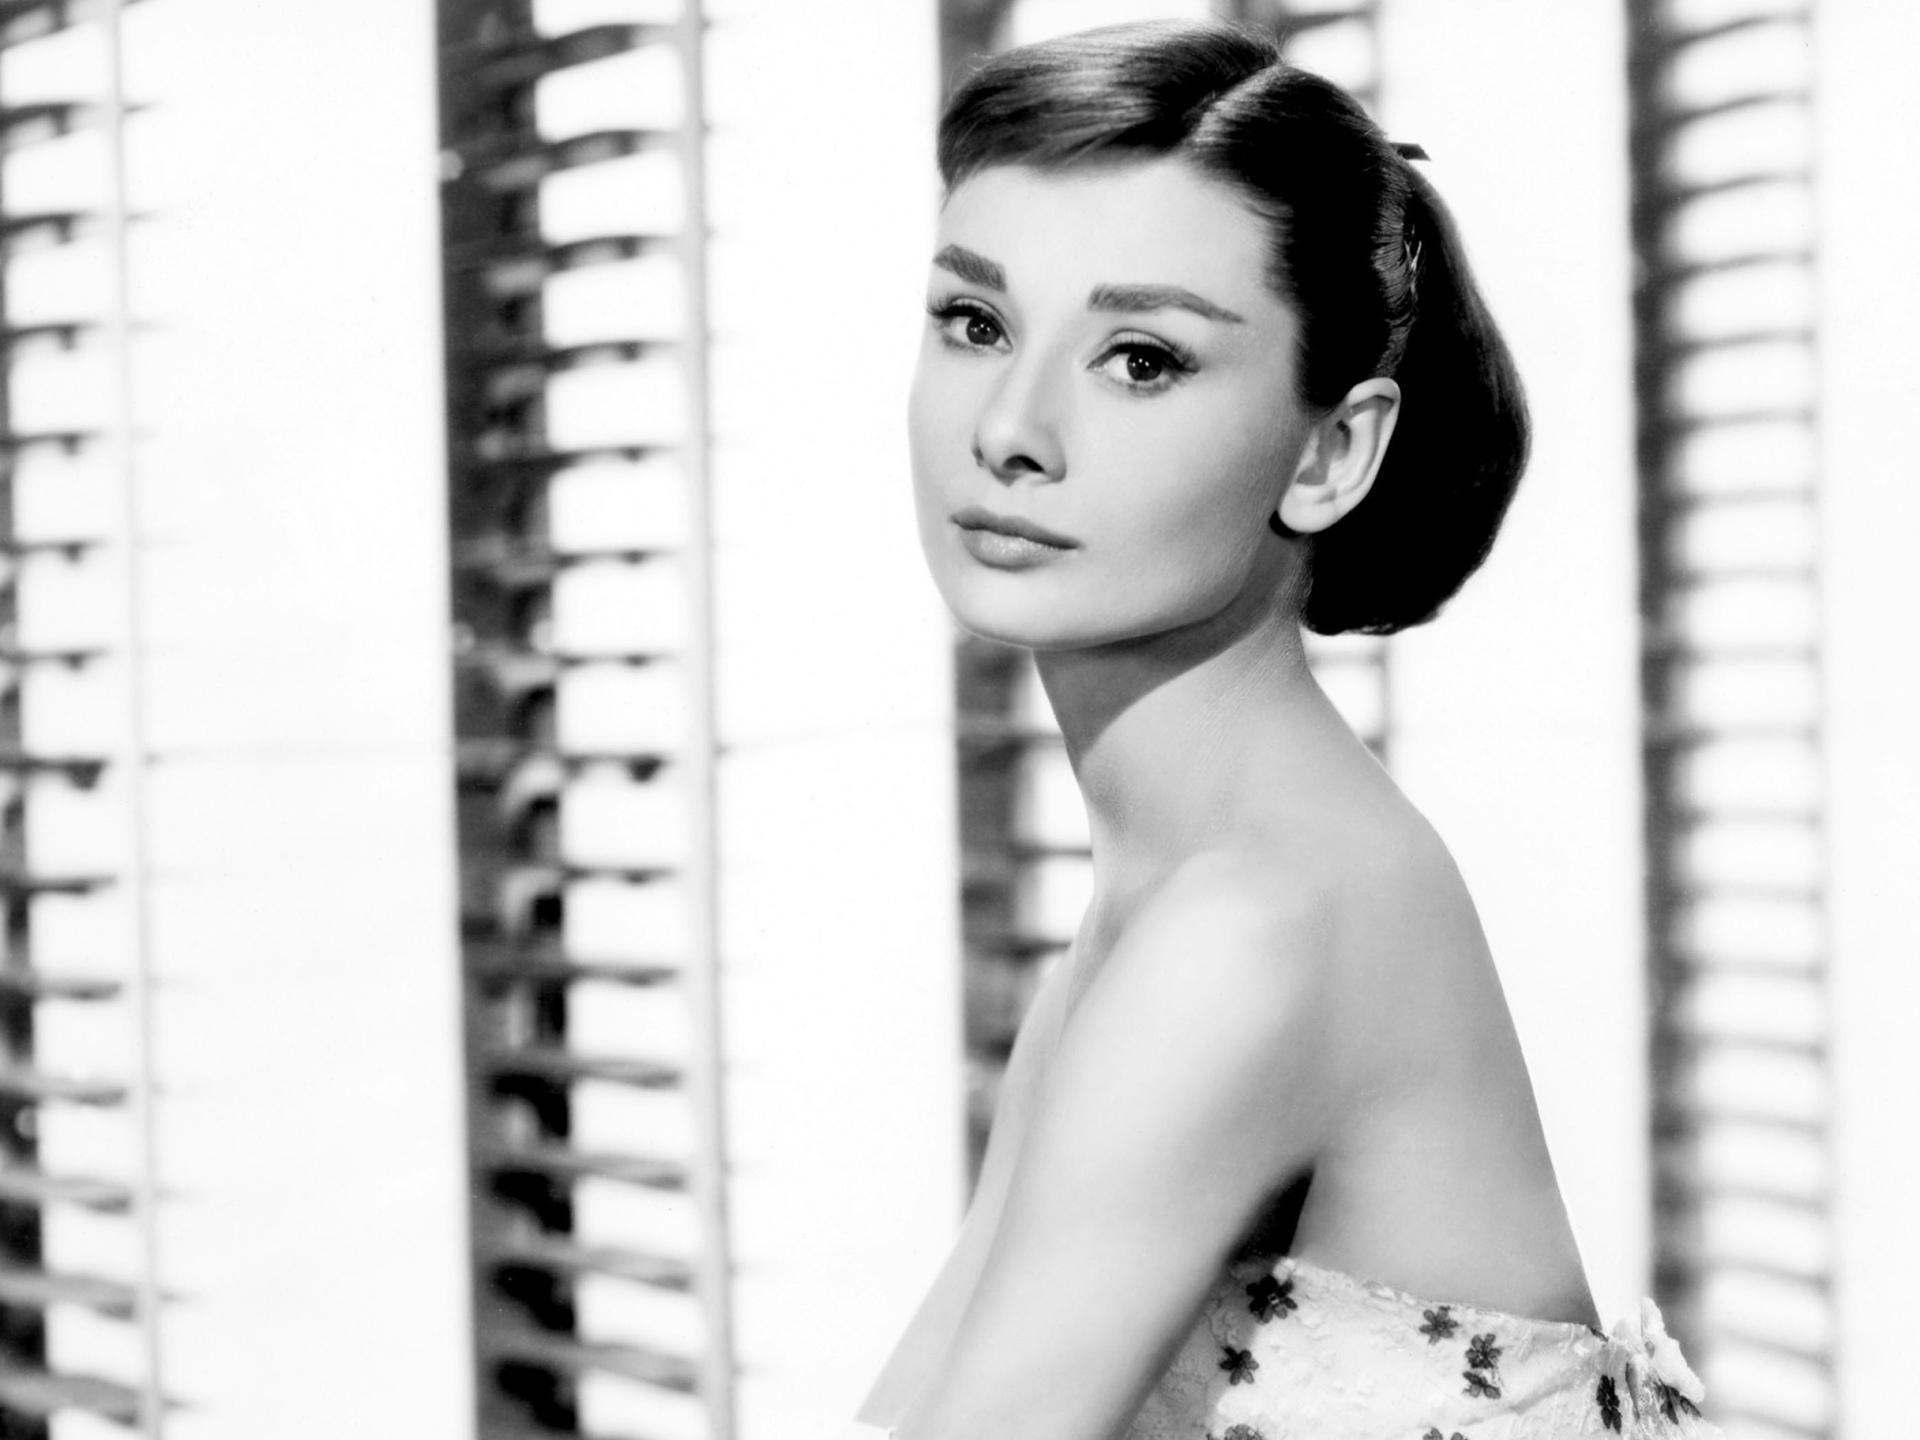 Audrey Hepburn Wallpaper Hd Audrey Hepburn Wallpaper Audrey Hepburn Images Audrey Hepburn